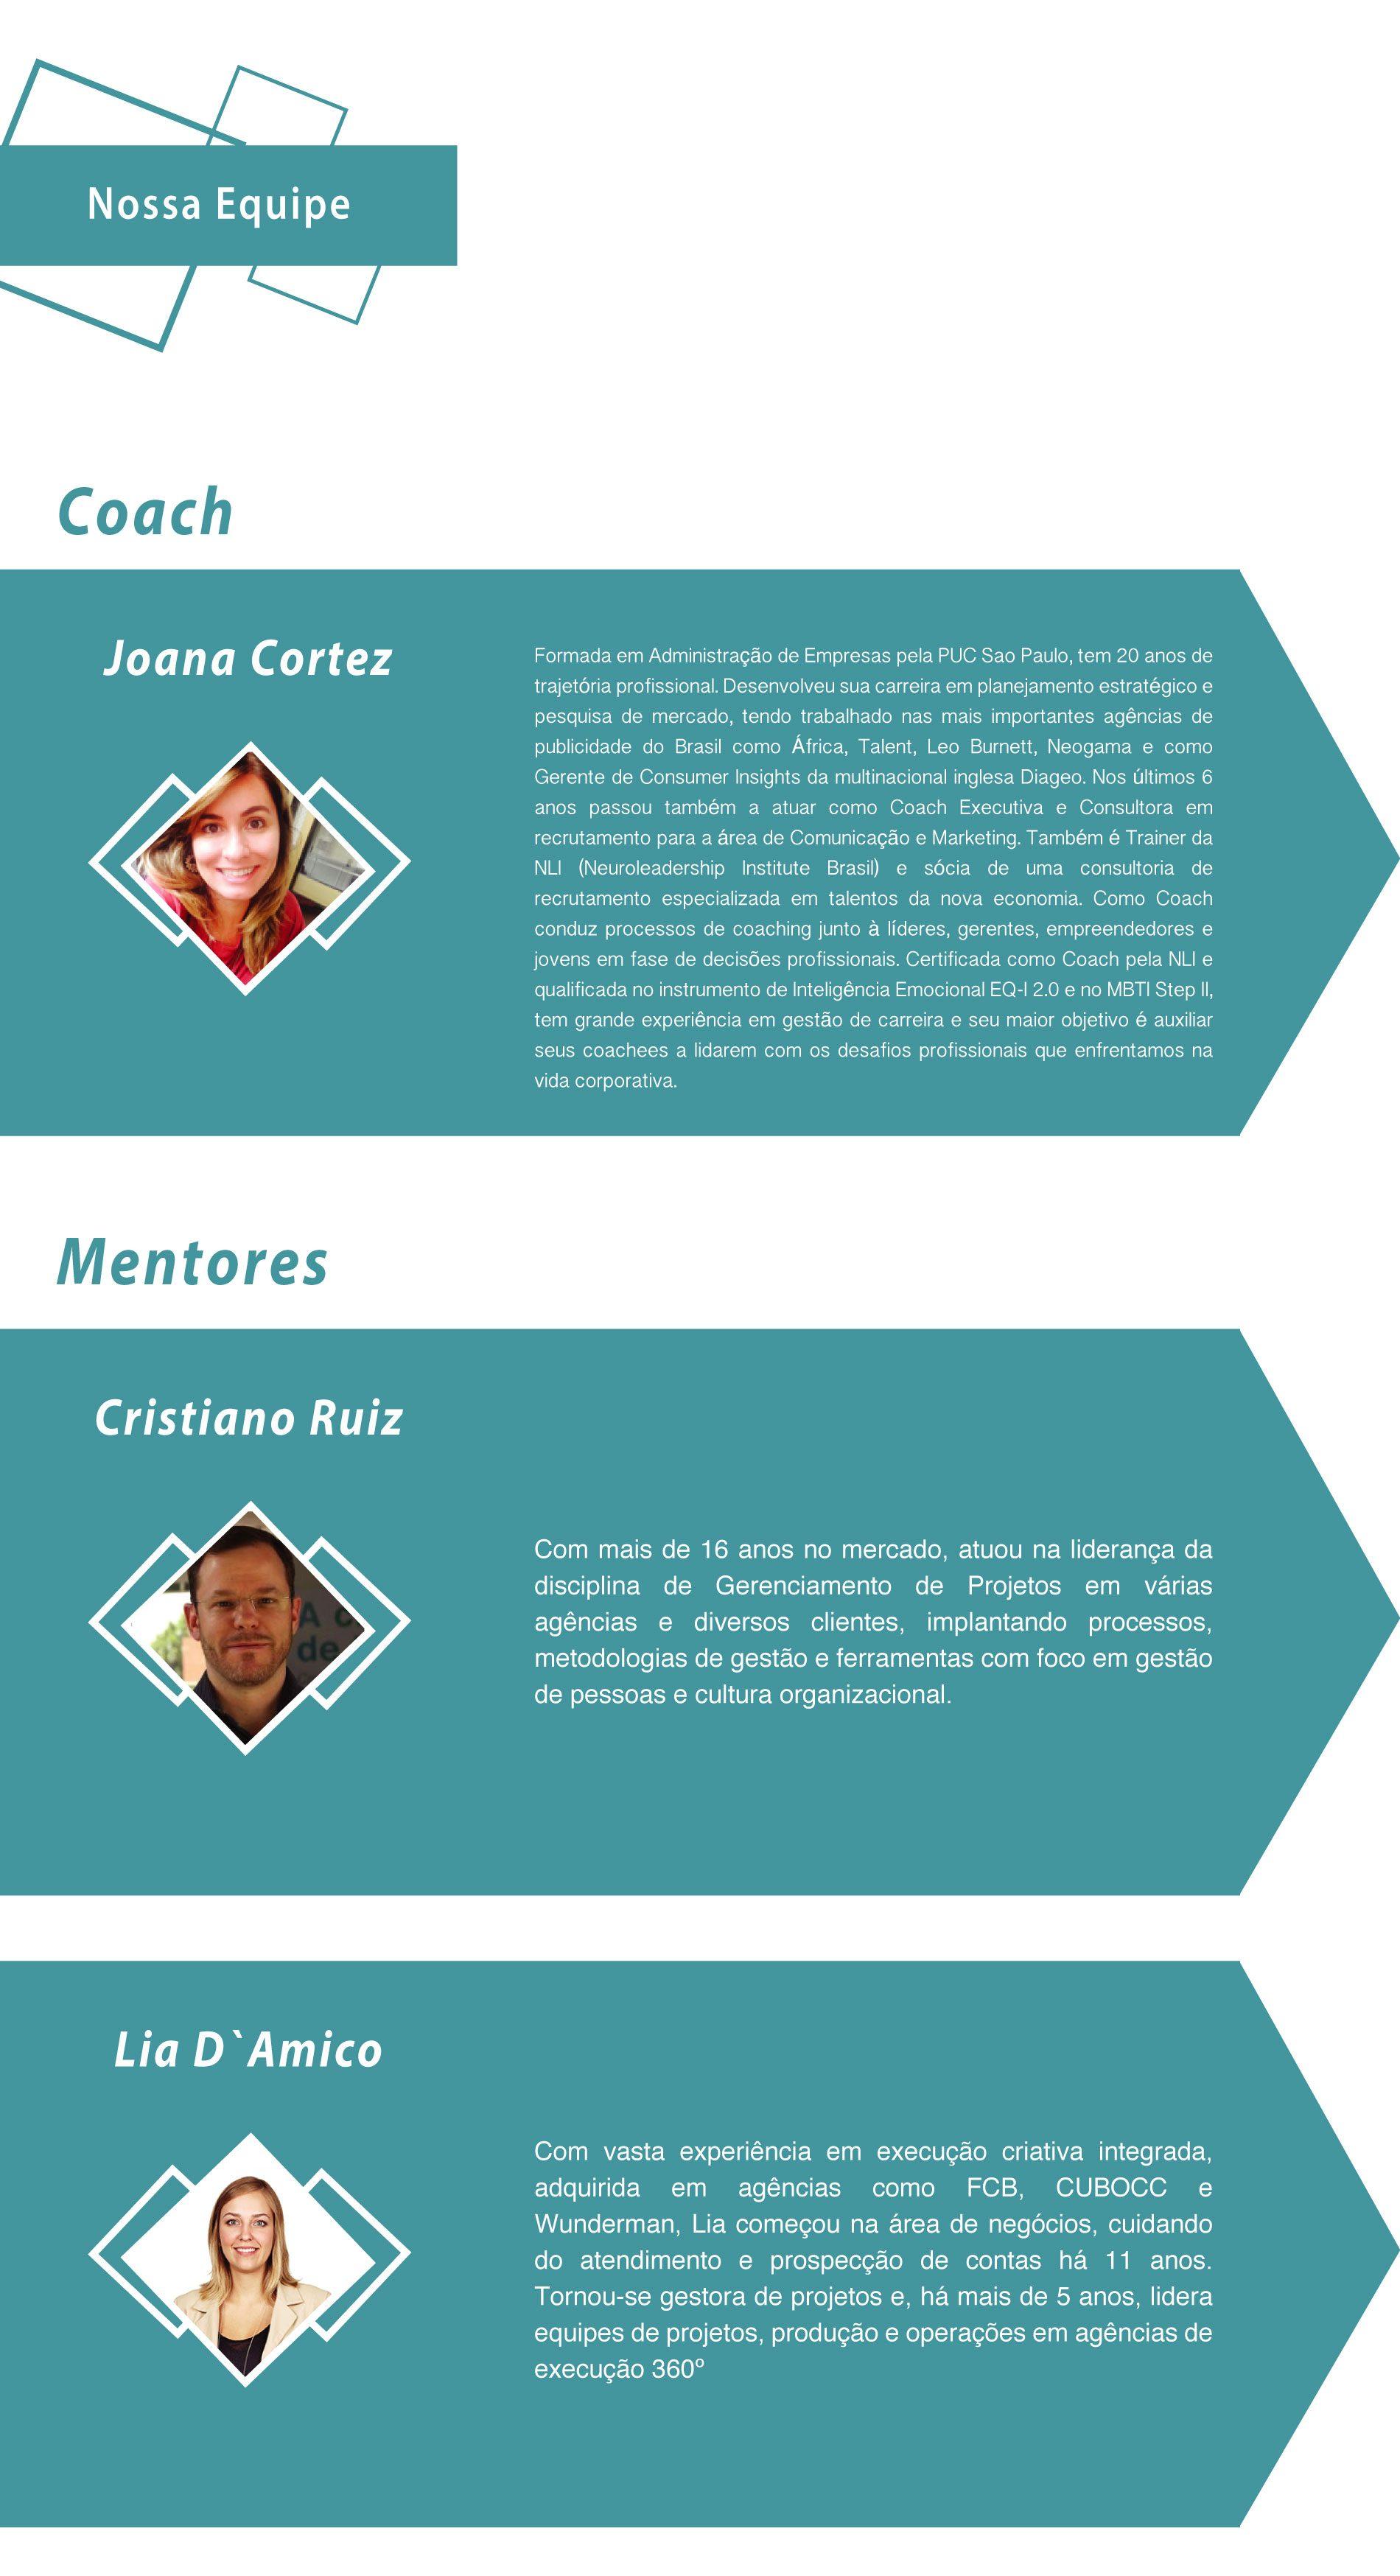 Coaching Joana Cortez - Mentores Cristiano Ruiz e Lia D'Amico